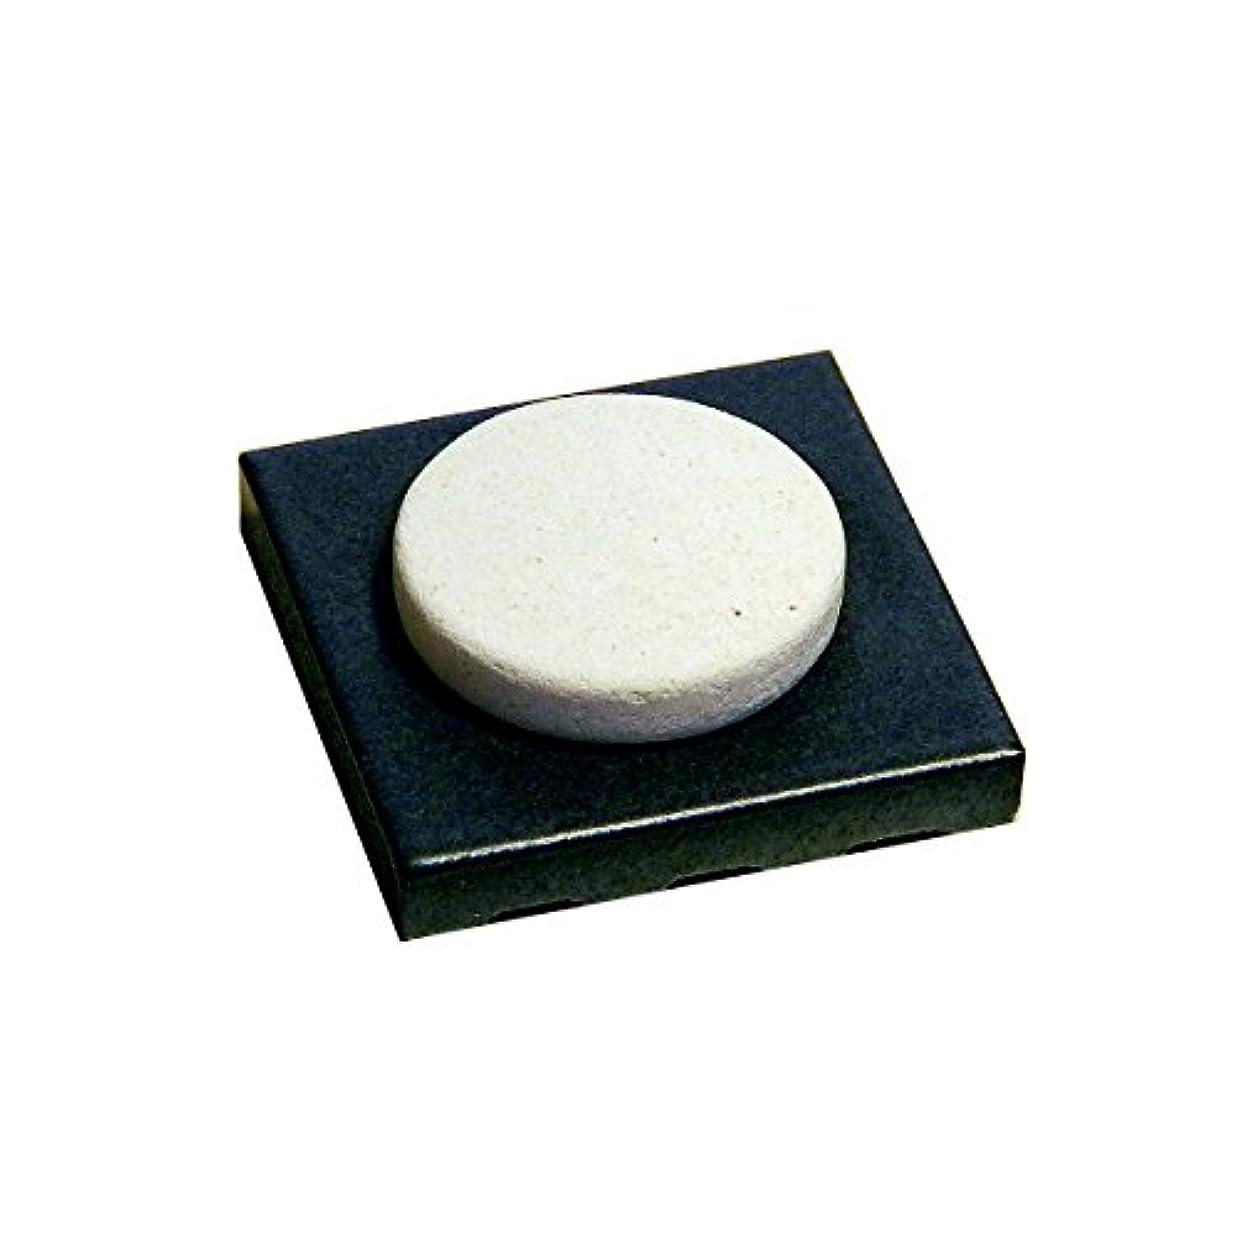 予測ちなみにとんでもない〔立風屋〕珪藻土アロマプレート美濃焼タイルセット ブラック(黒) RPAP-01003-BK